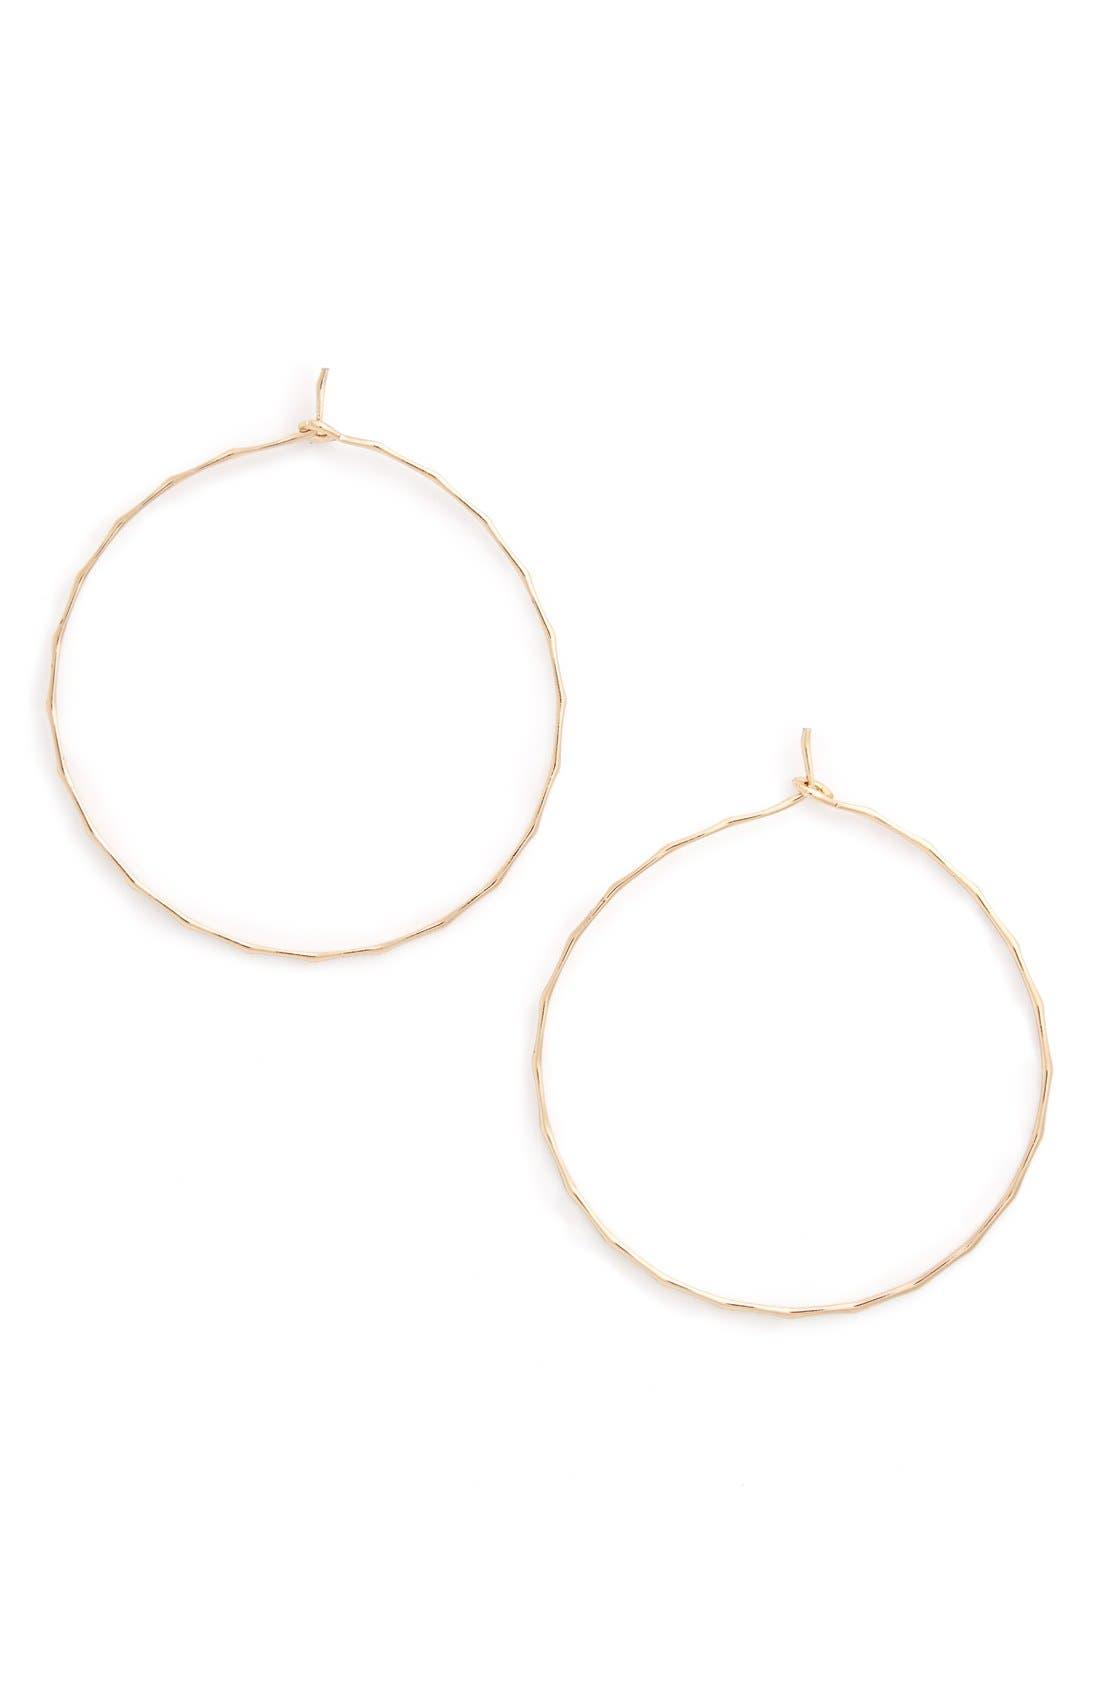 Alternate Image 1 Selected - BP. Dainty Hammered Hoop Earrings